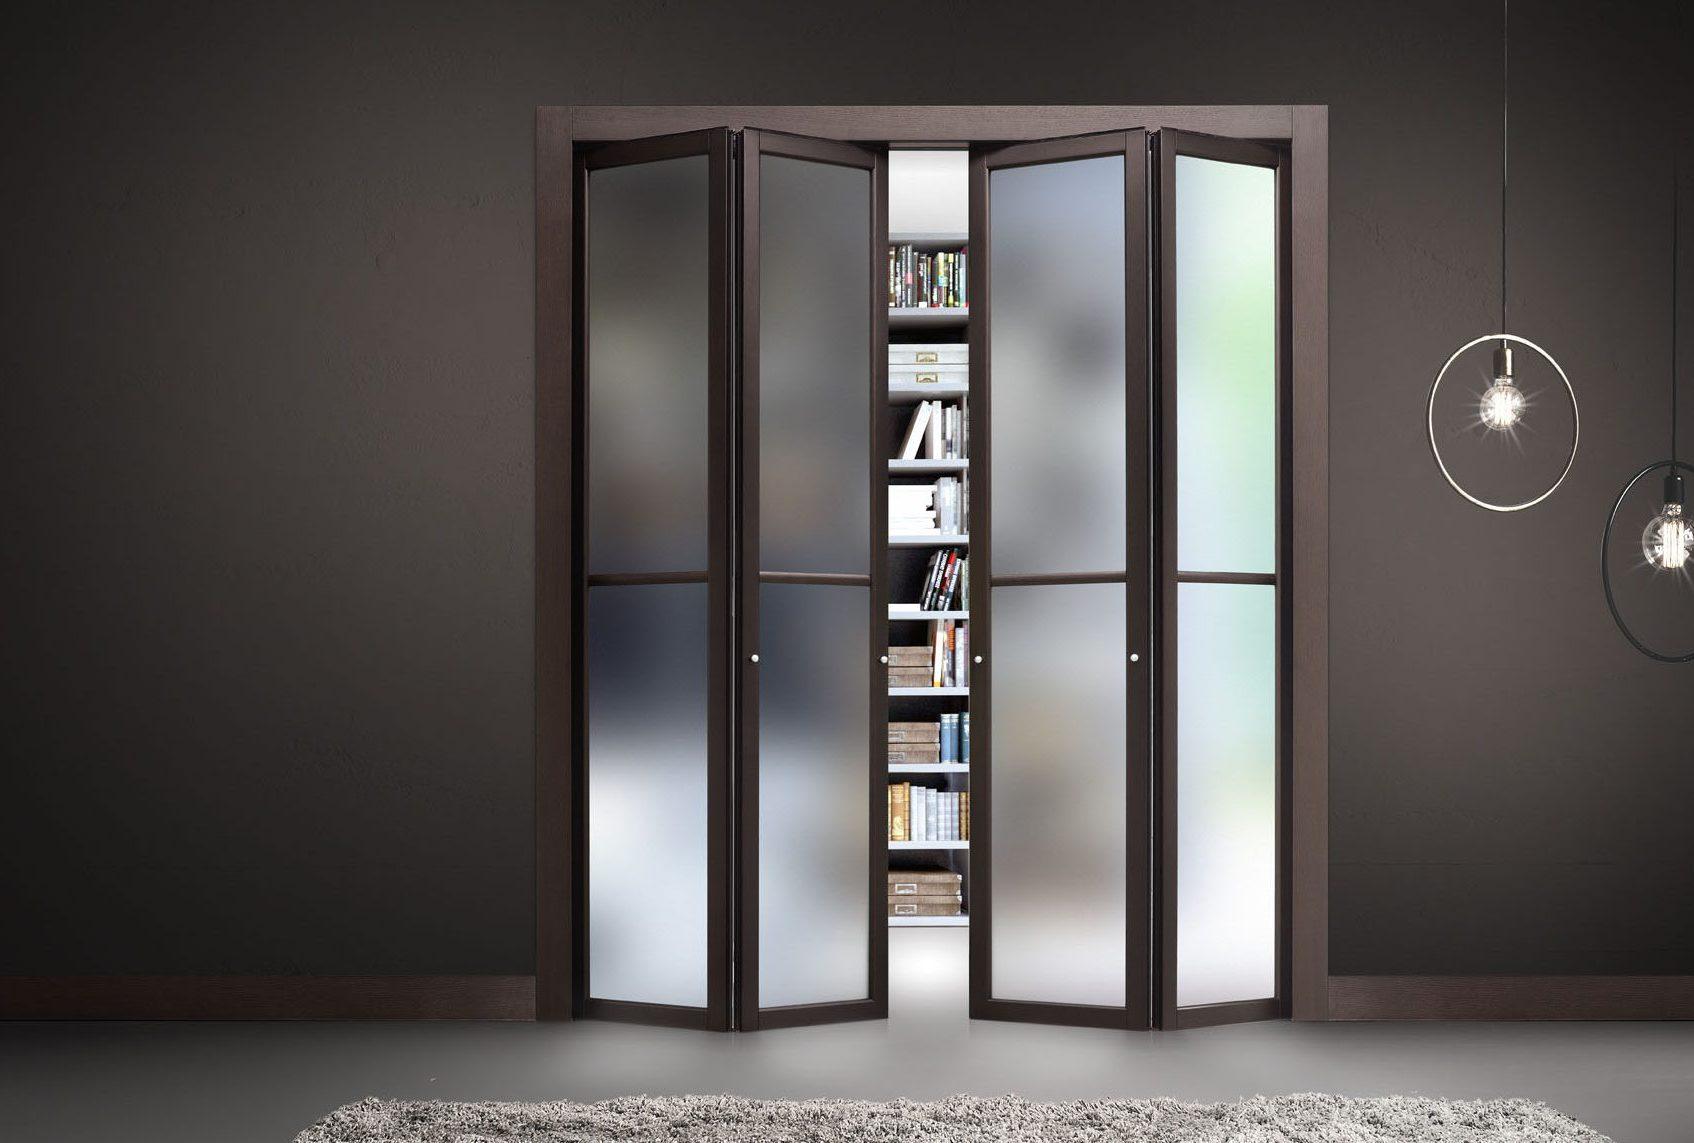 Sistema Di Oscuramento Per Finestre acm - specializzati porte e finestre roma